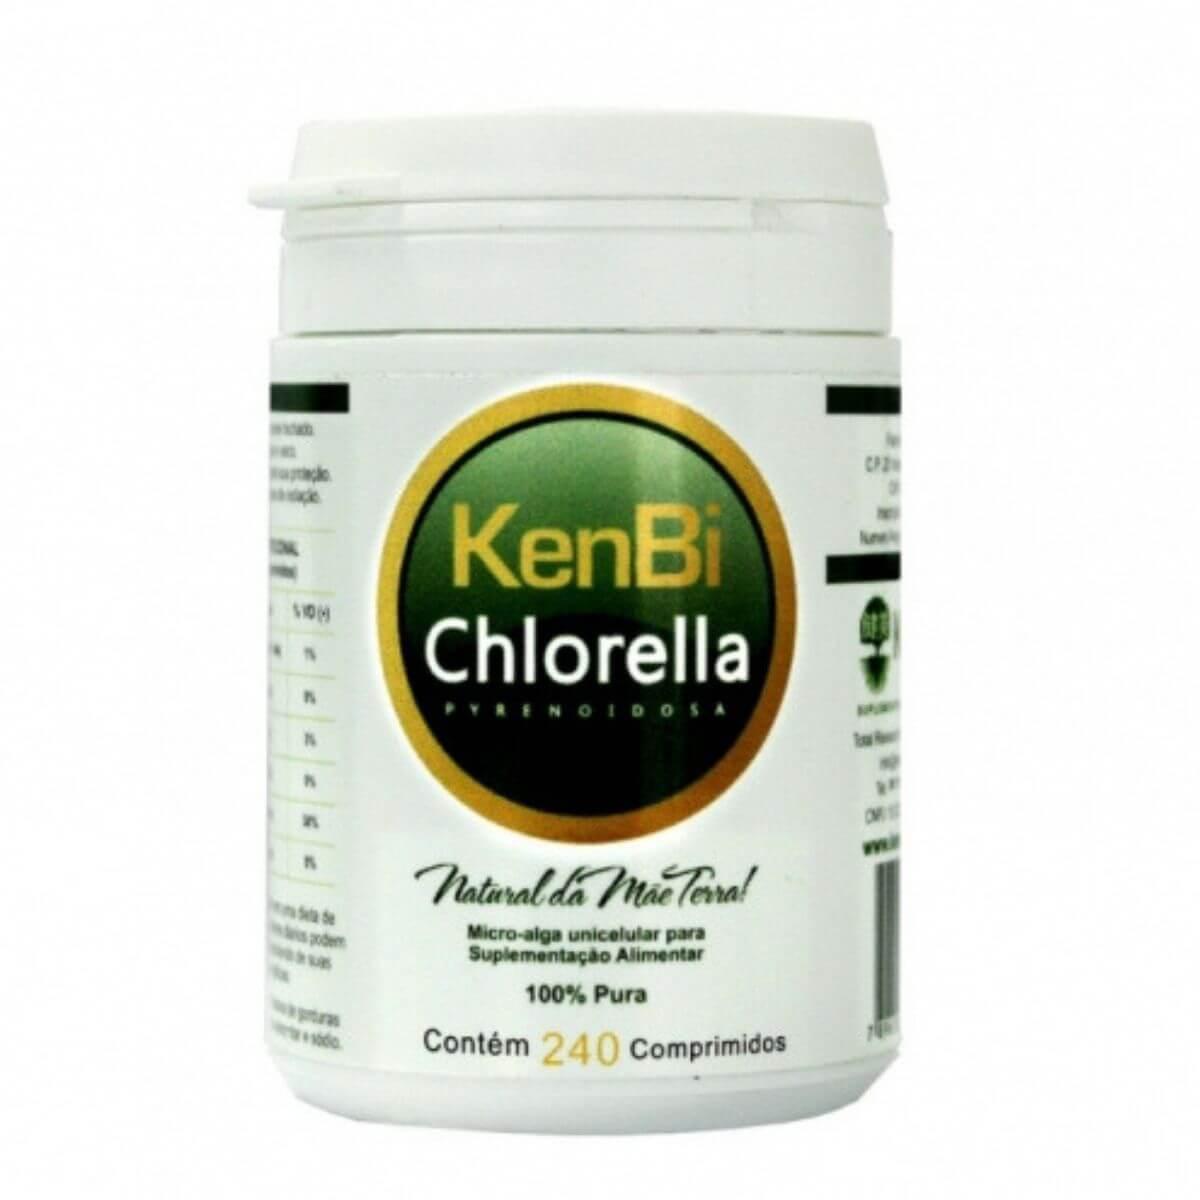 Chlorella Kenbi 240 Comprimidos 100% Chlorella